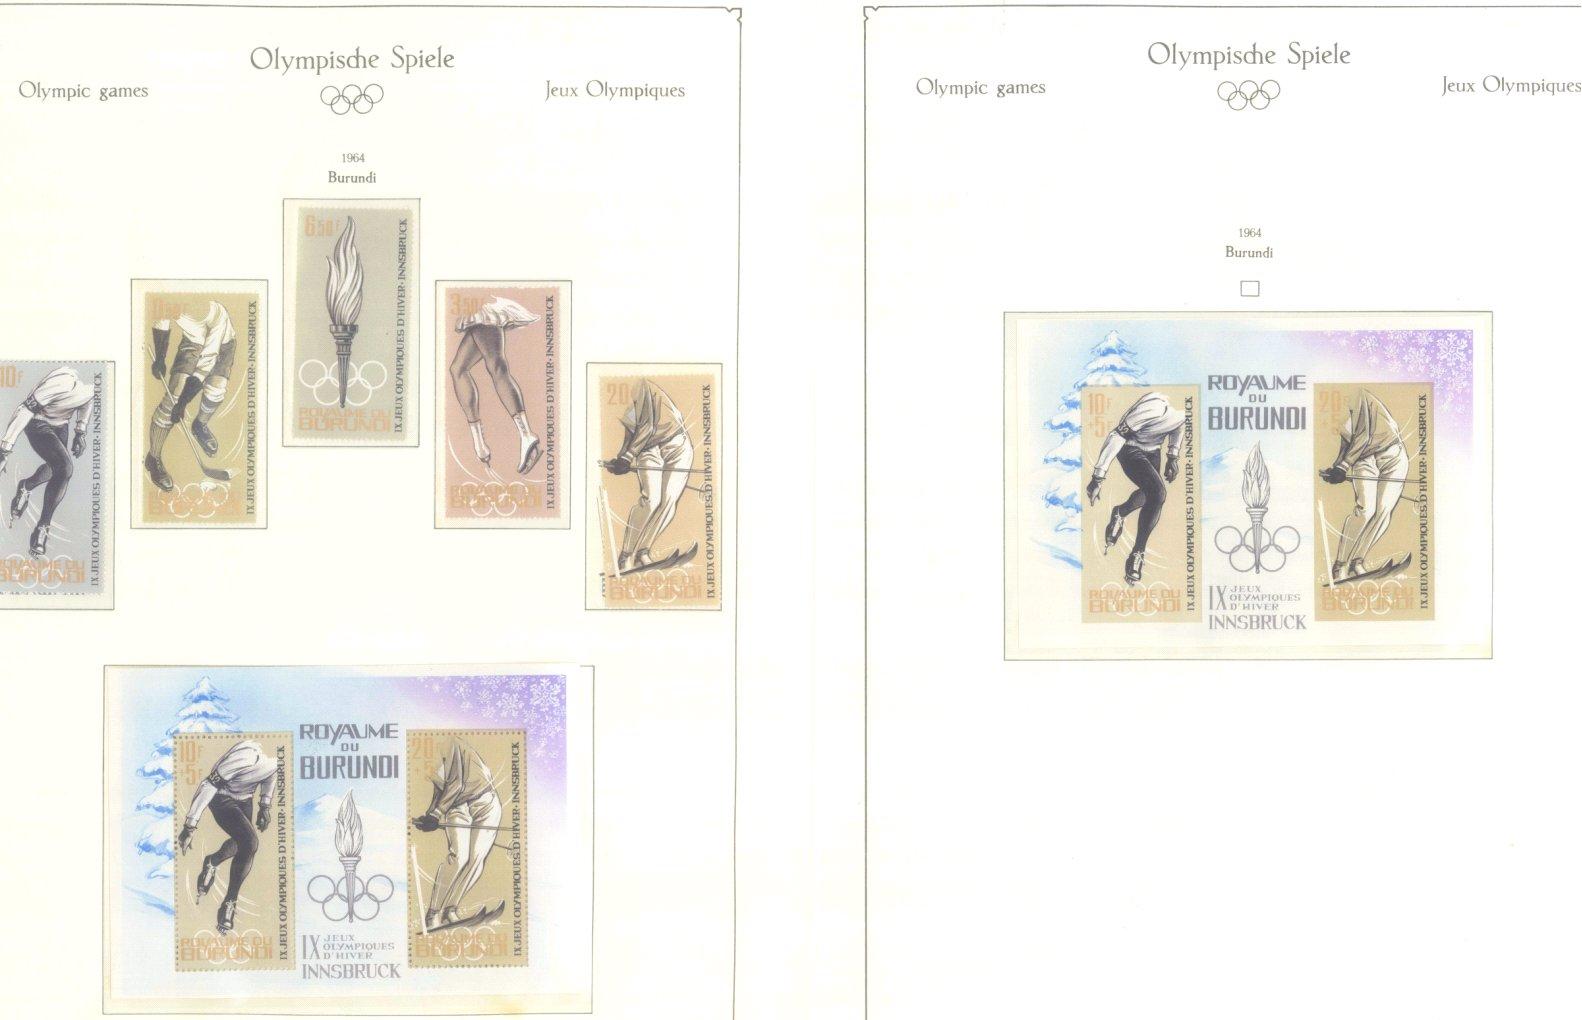 OLYMPISCHE SPIELE 1964 TOKIO, postfrische Sammlung Teil 1-2